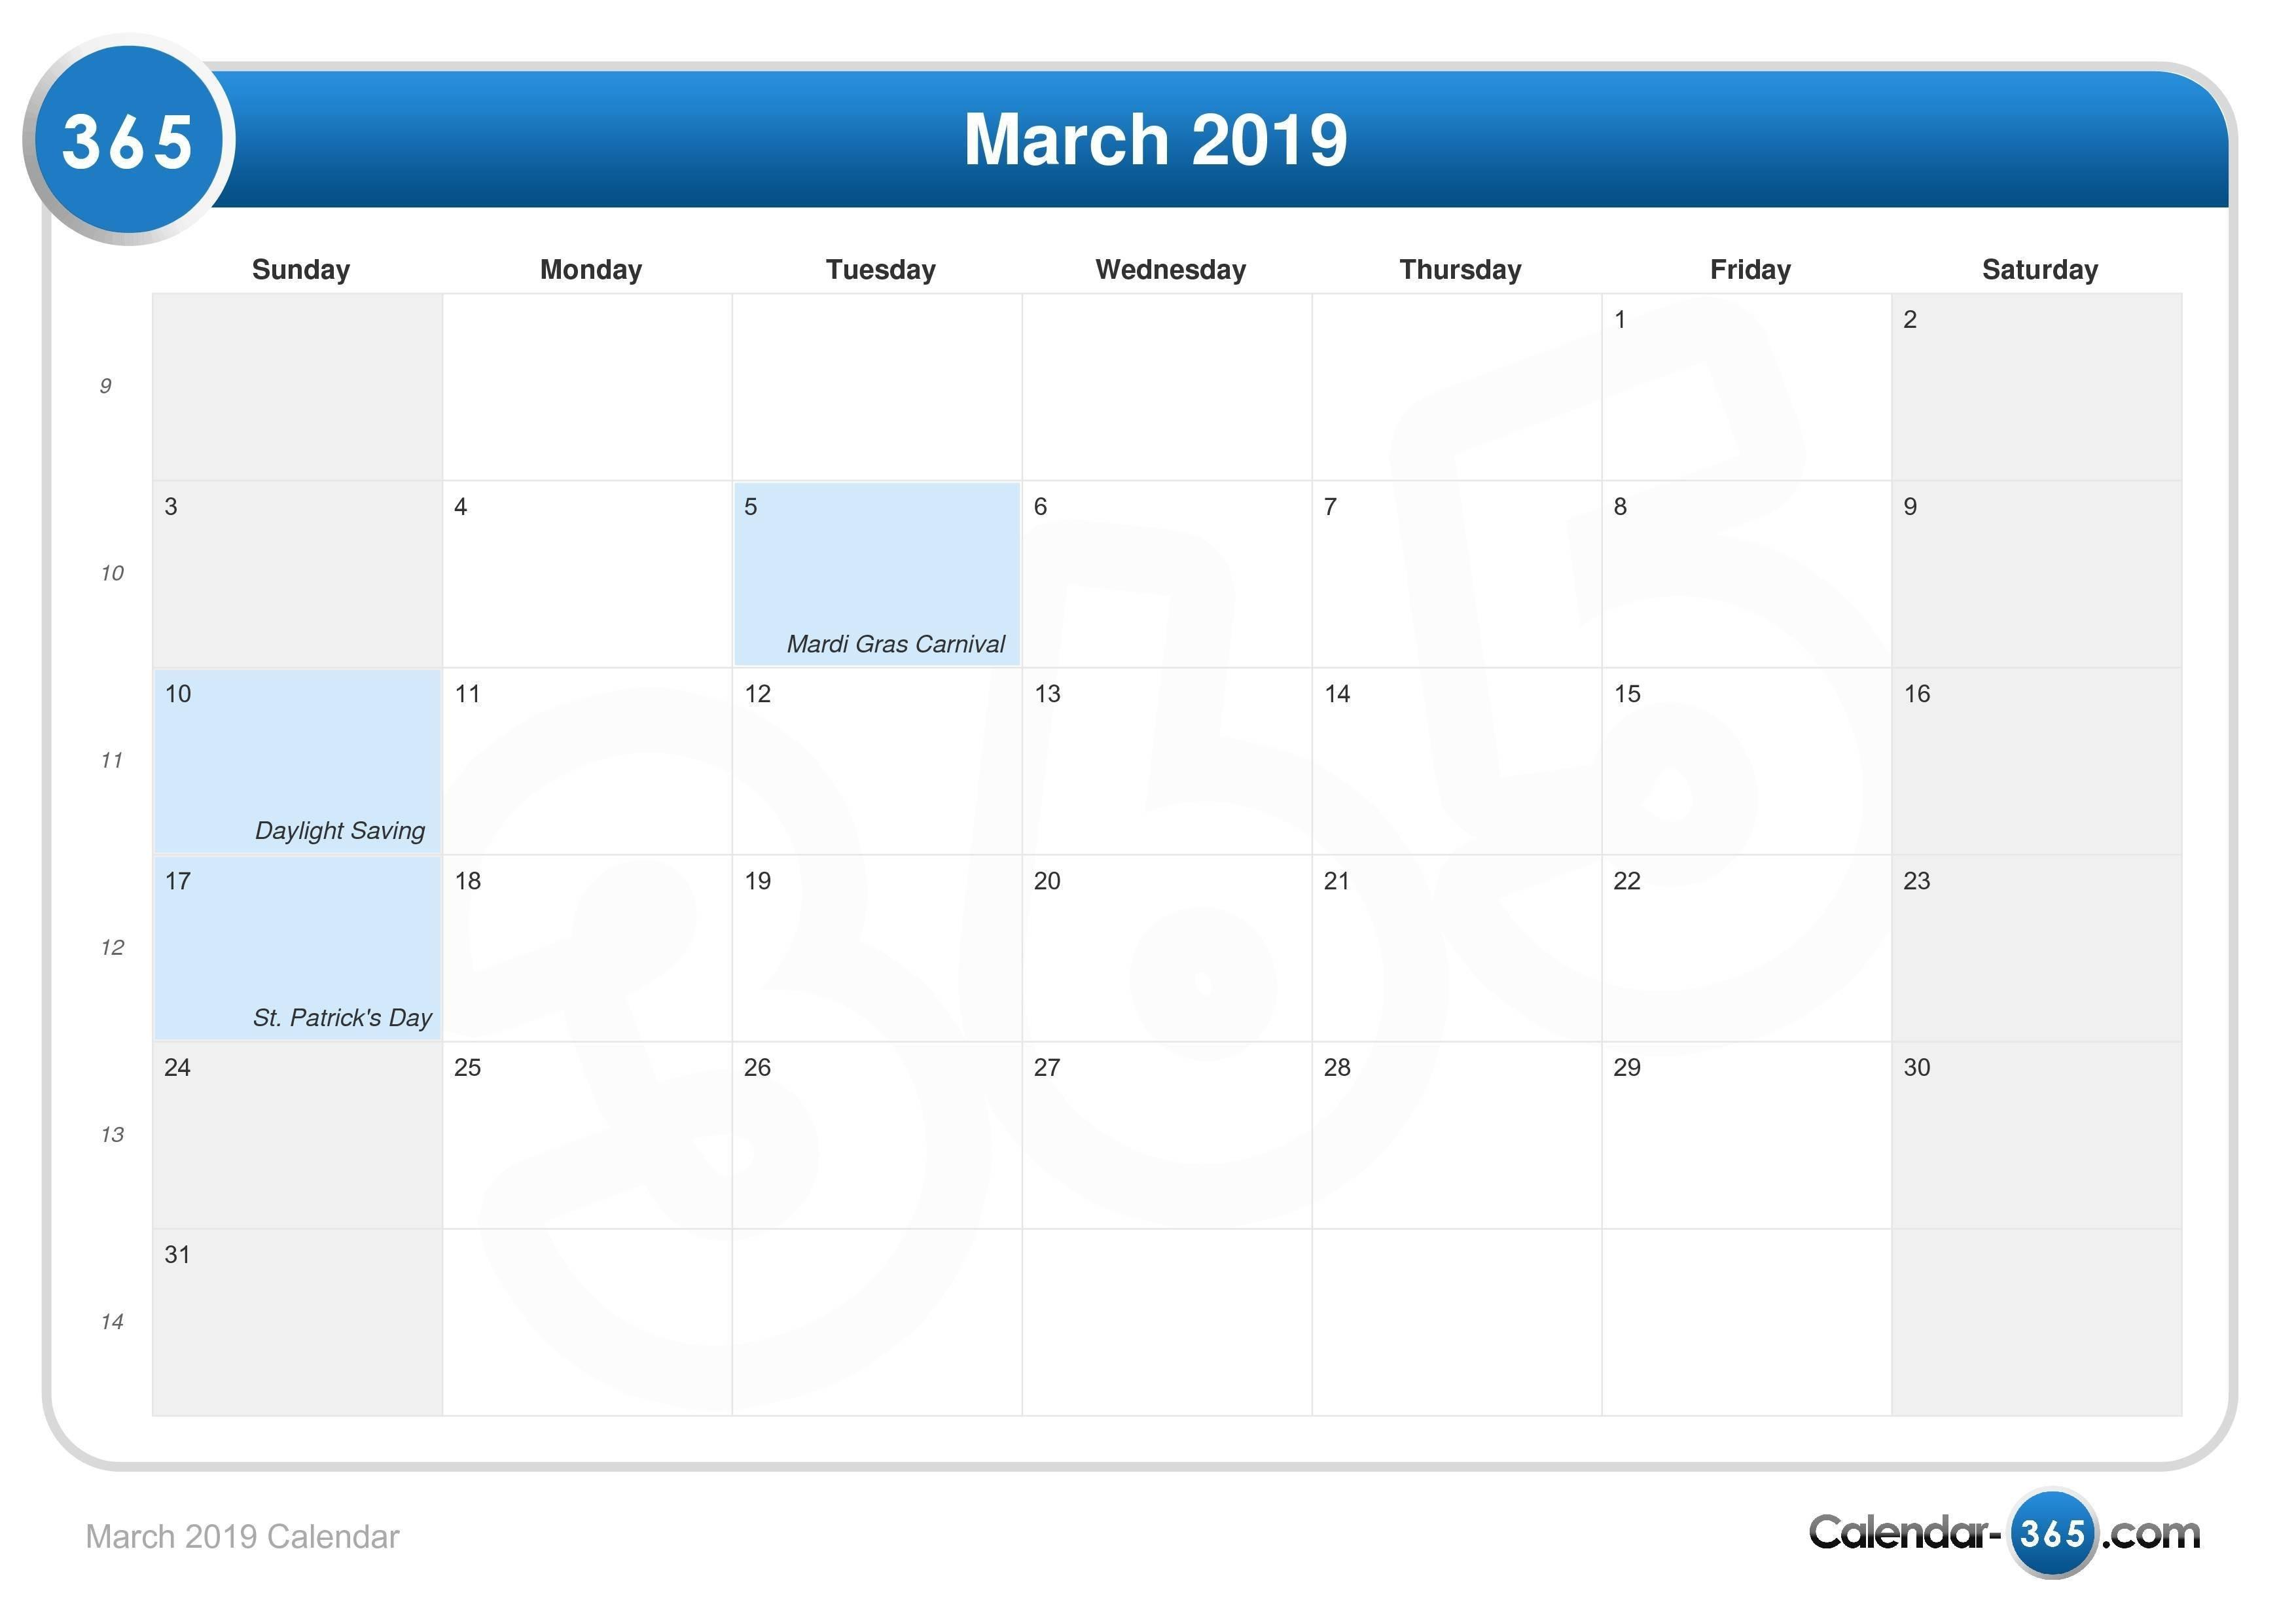 March 2019 Calendar 3/2019 Calendar